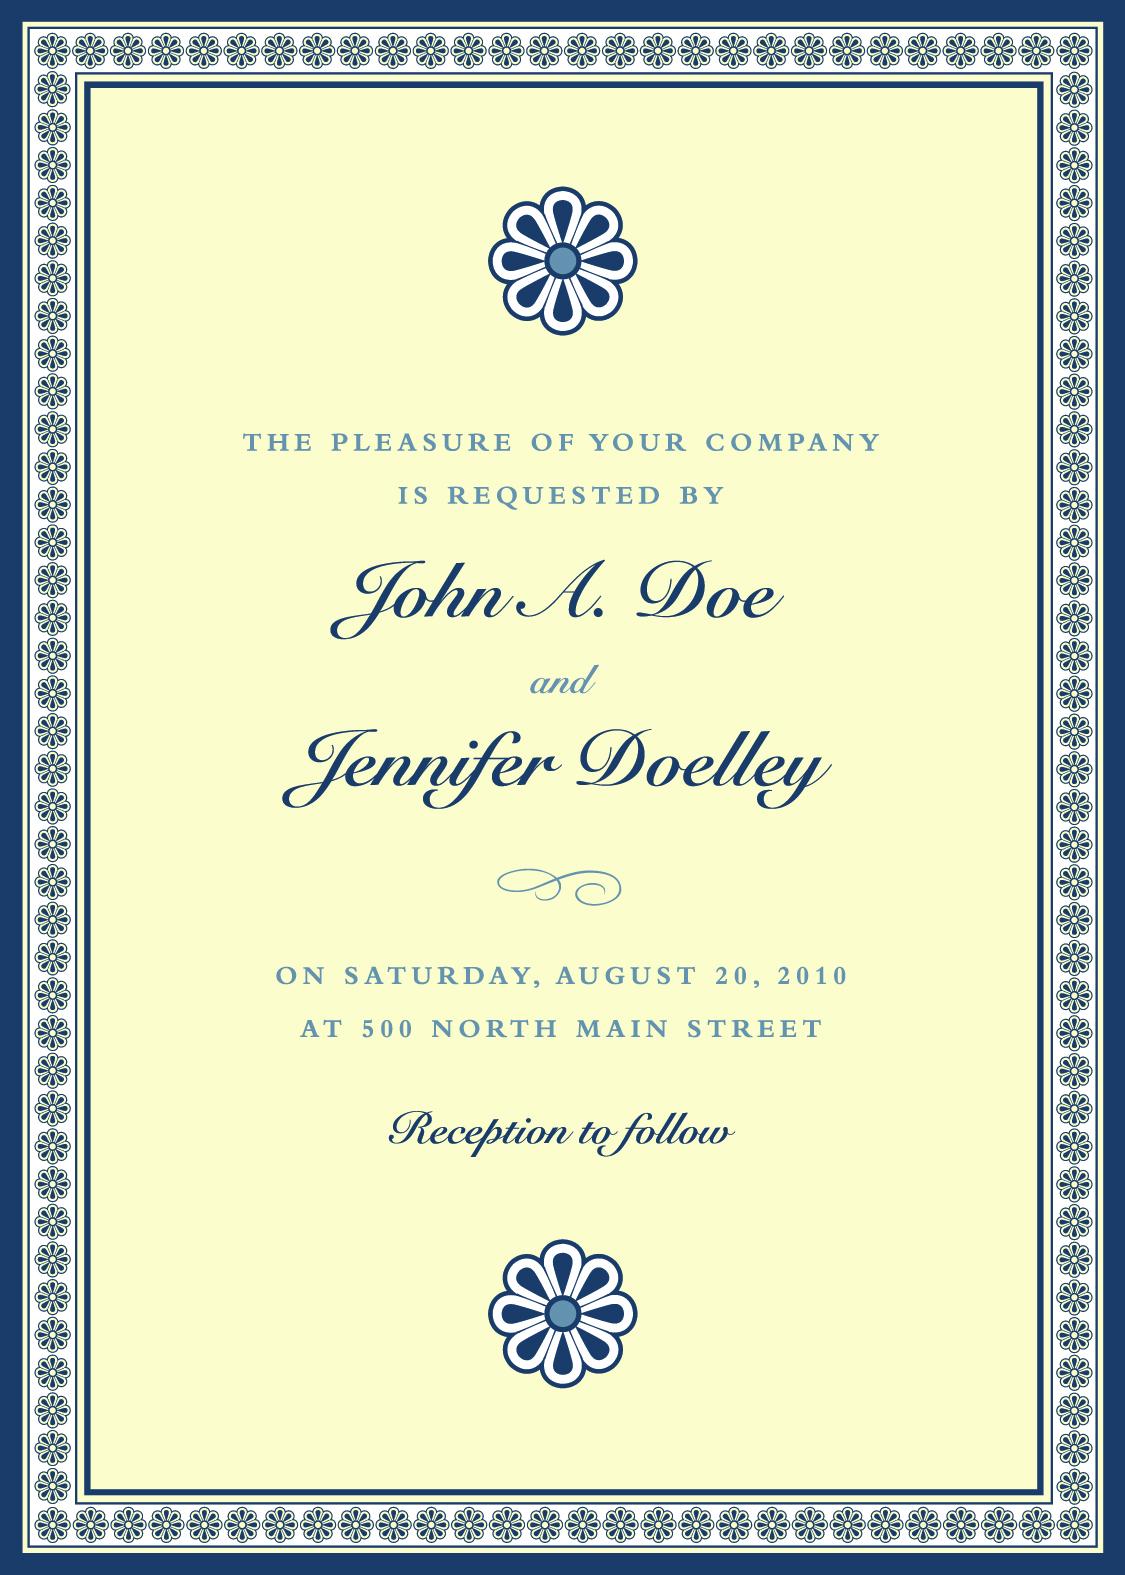 Vintage invitations 4 декабря 2014 просмотров 315